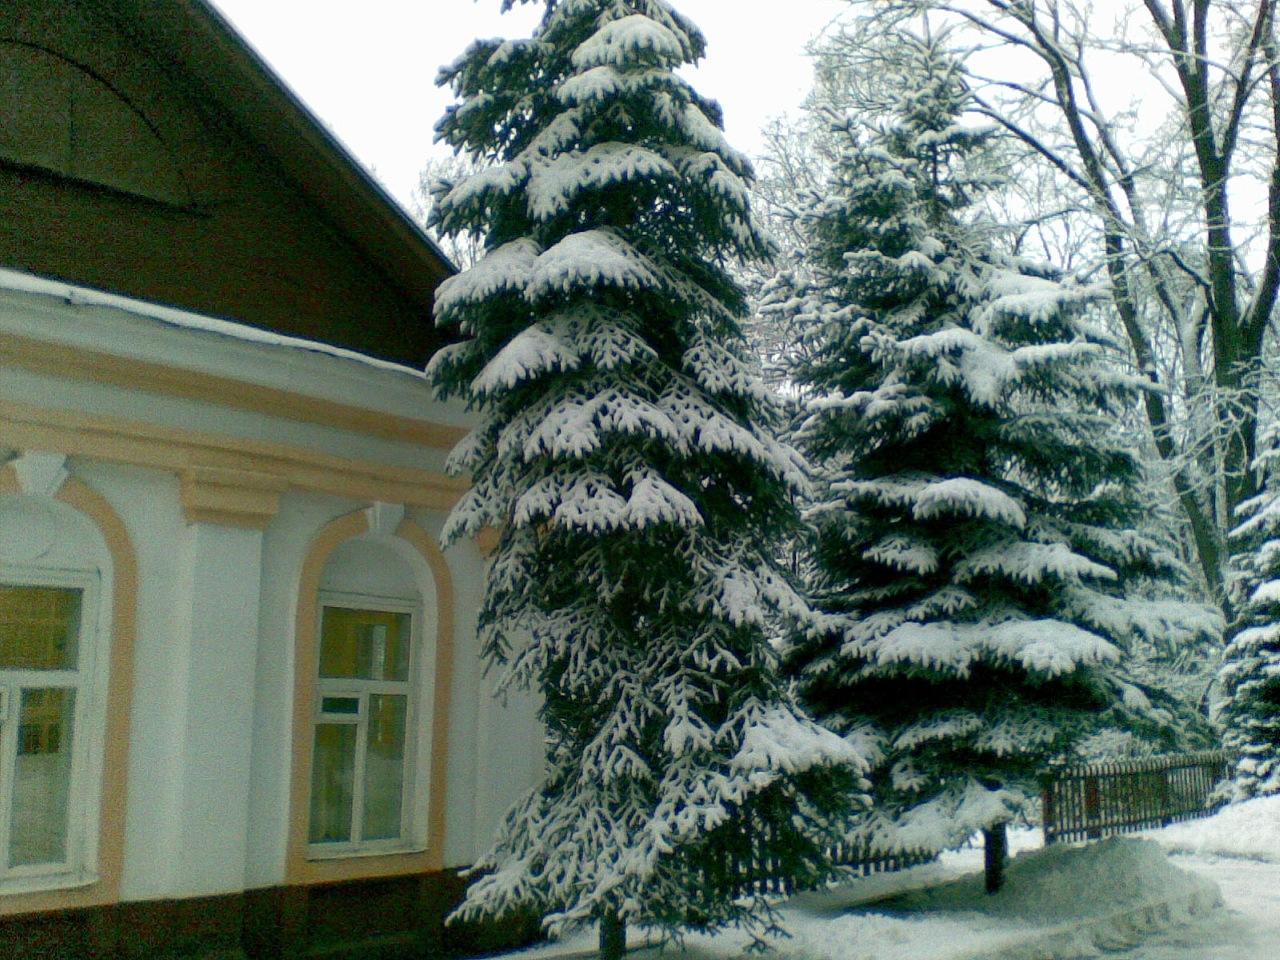 «Казанский репортер» направит запрос городским и республиканским властям, чтобы уточнить судьбу парковой зоны в свете последних событий.